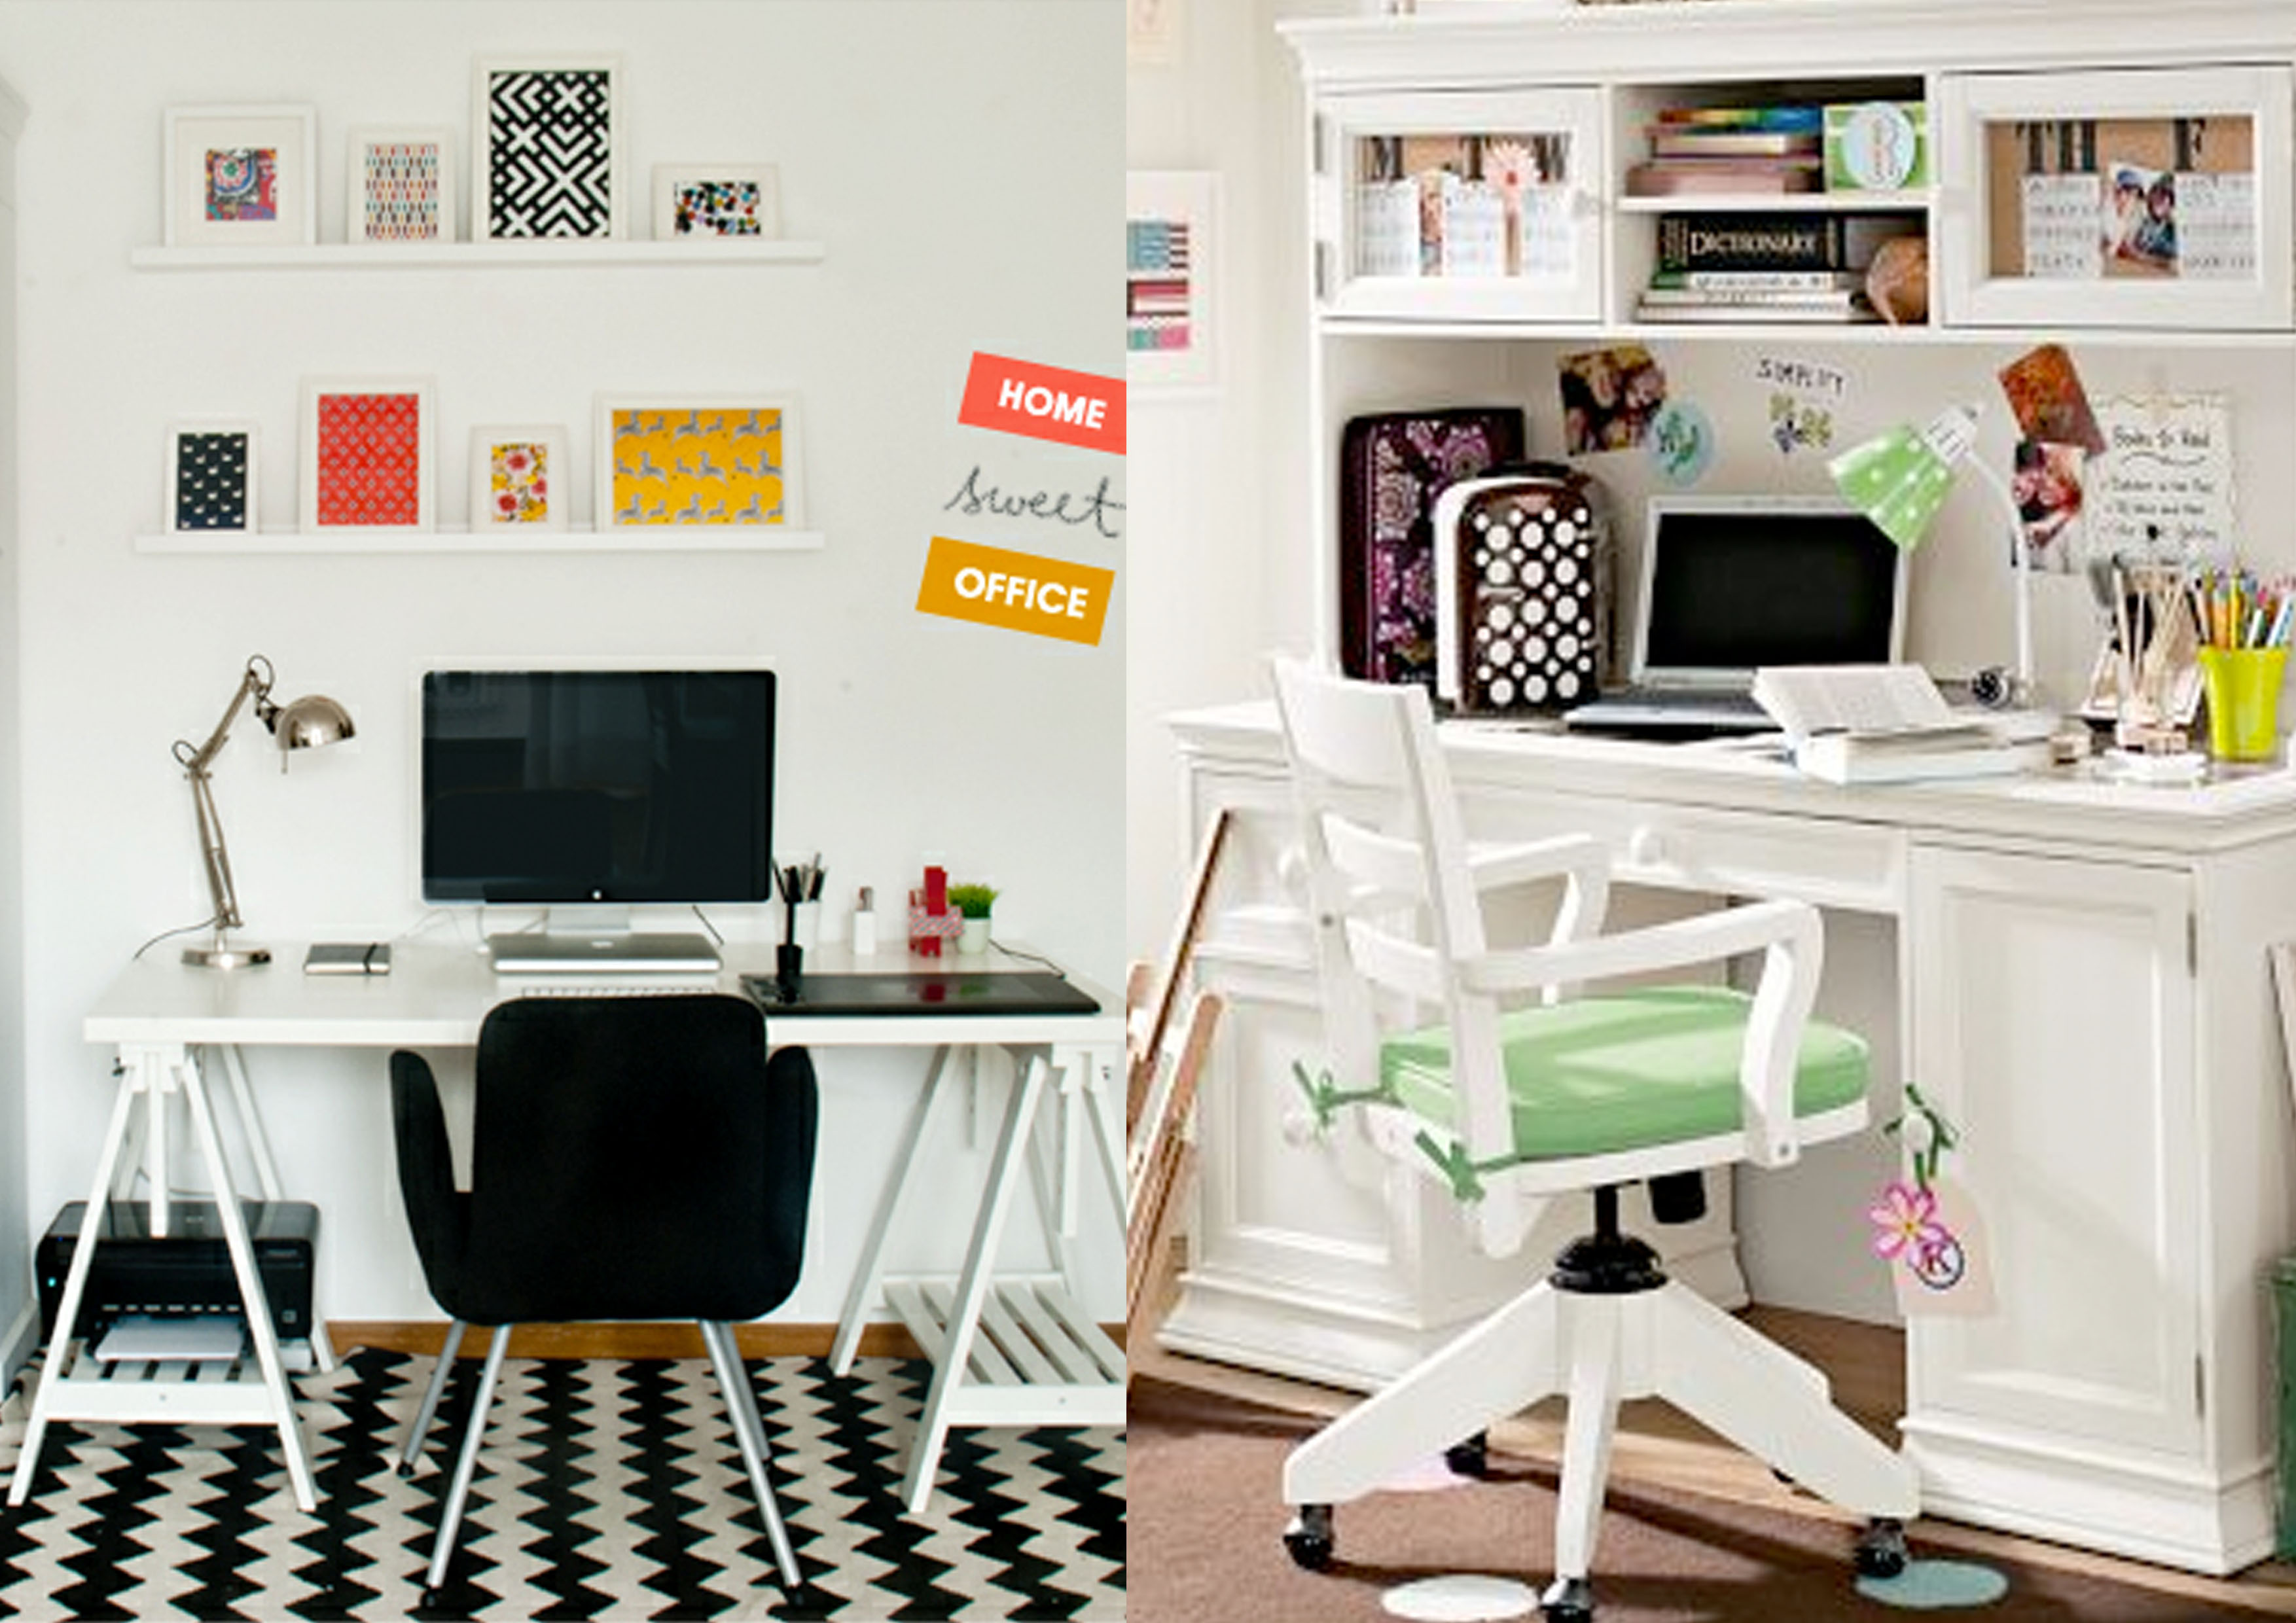 escritorio pequeno em casa